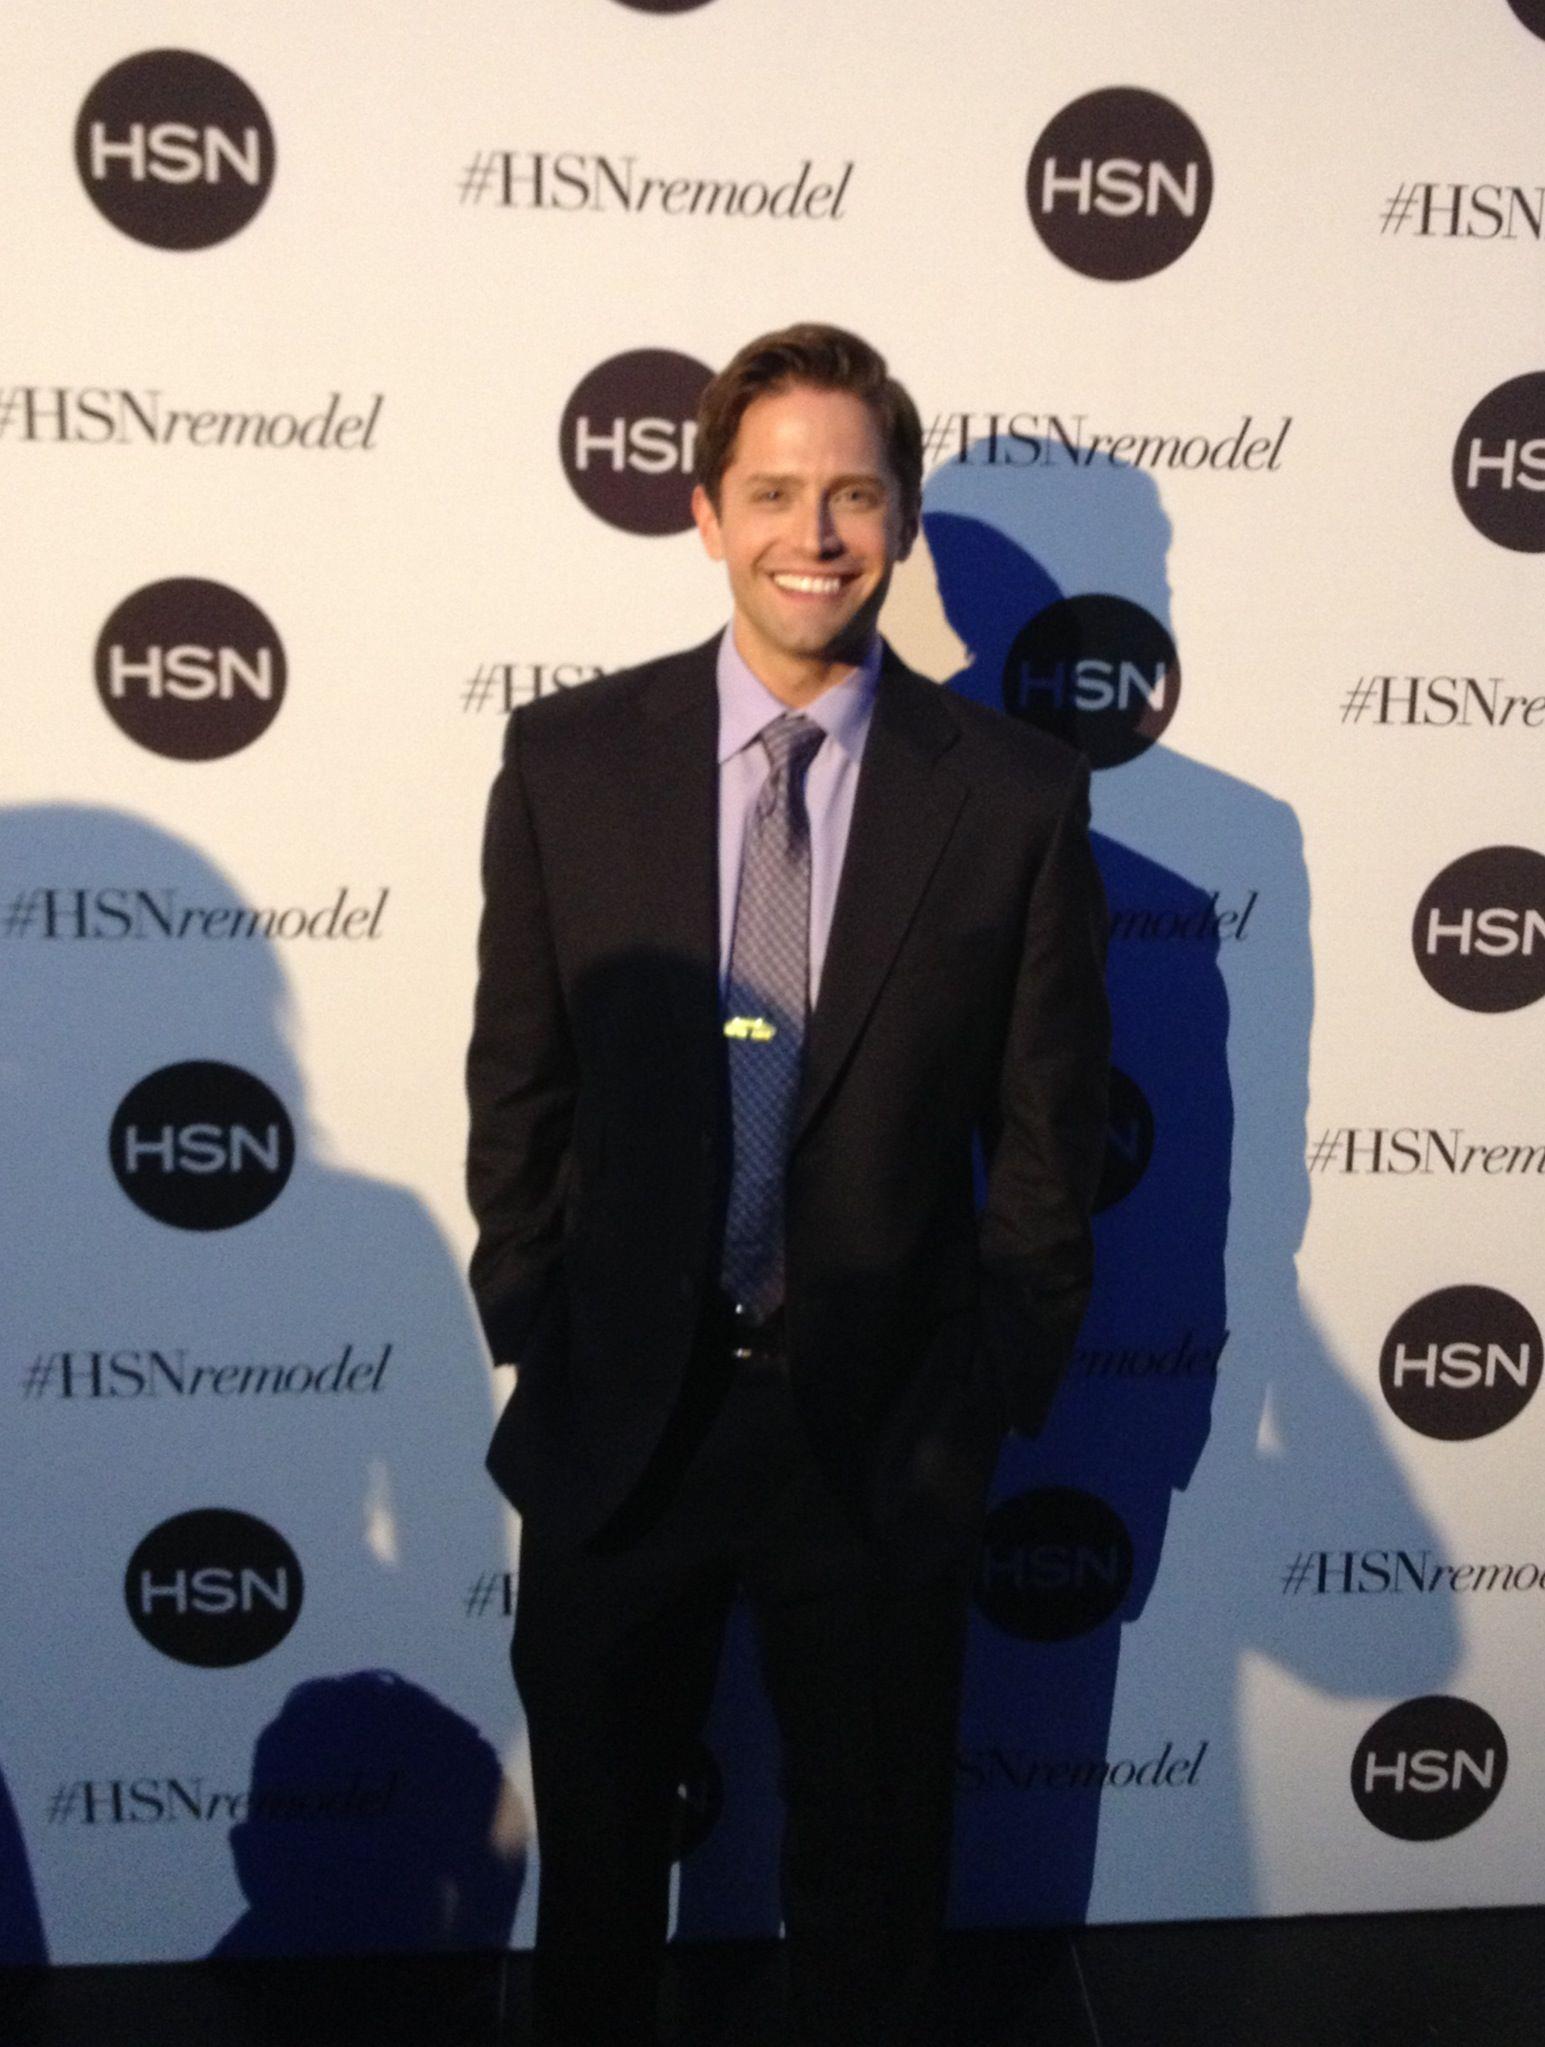 Brett Hsn Host Adam